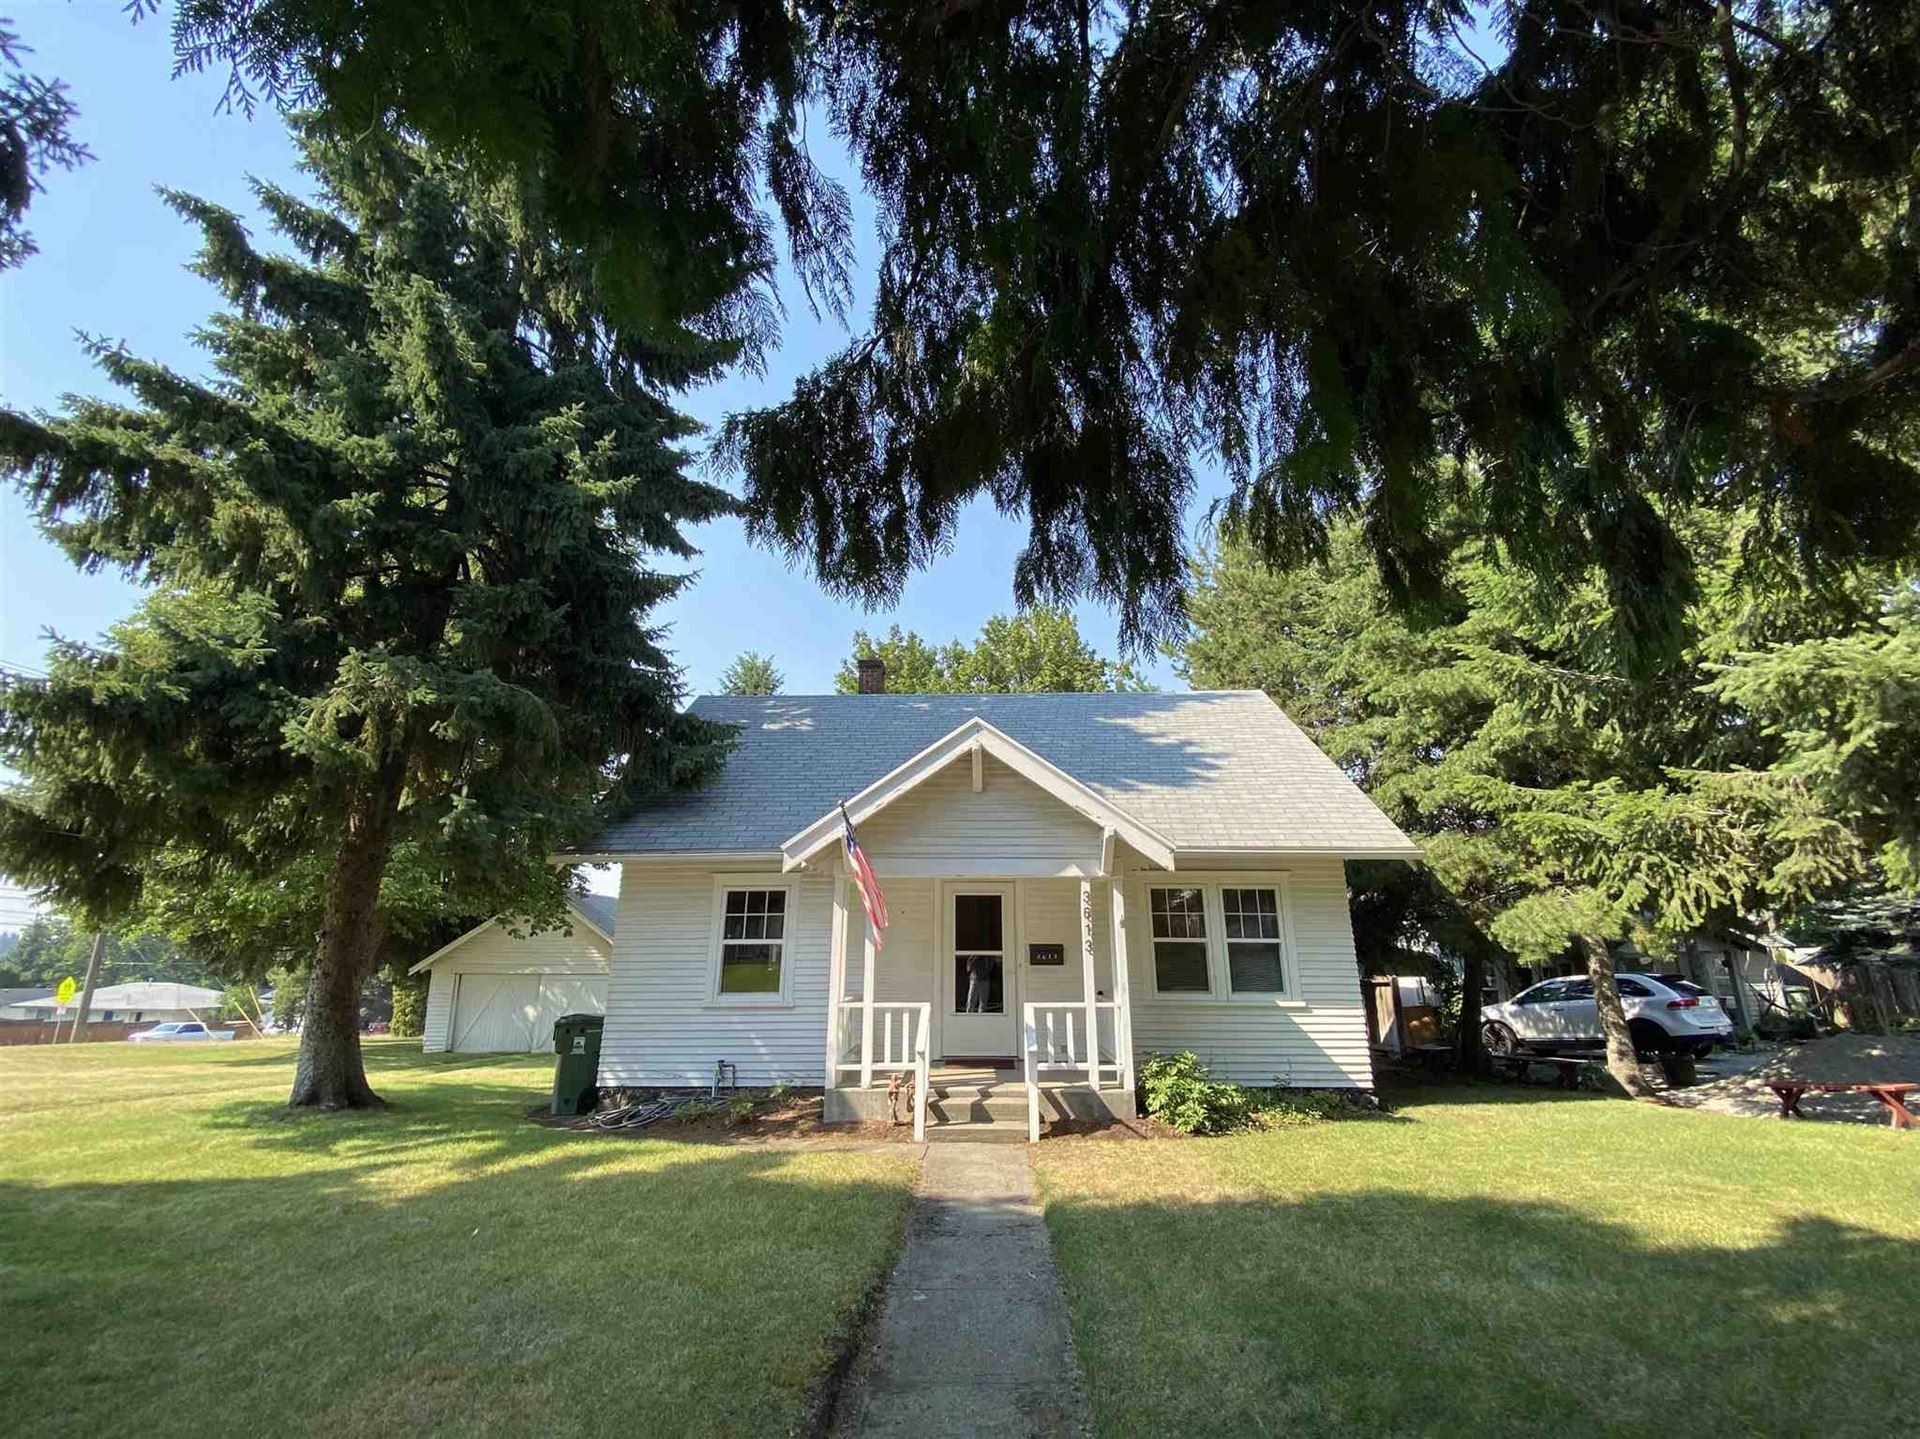 3613 E 24 St, Spokane, WA 99223 - #: 202119357